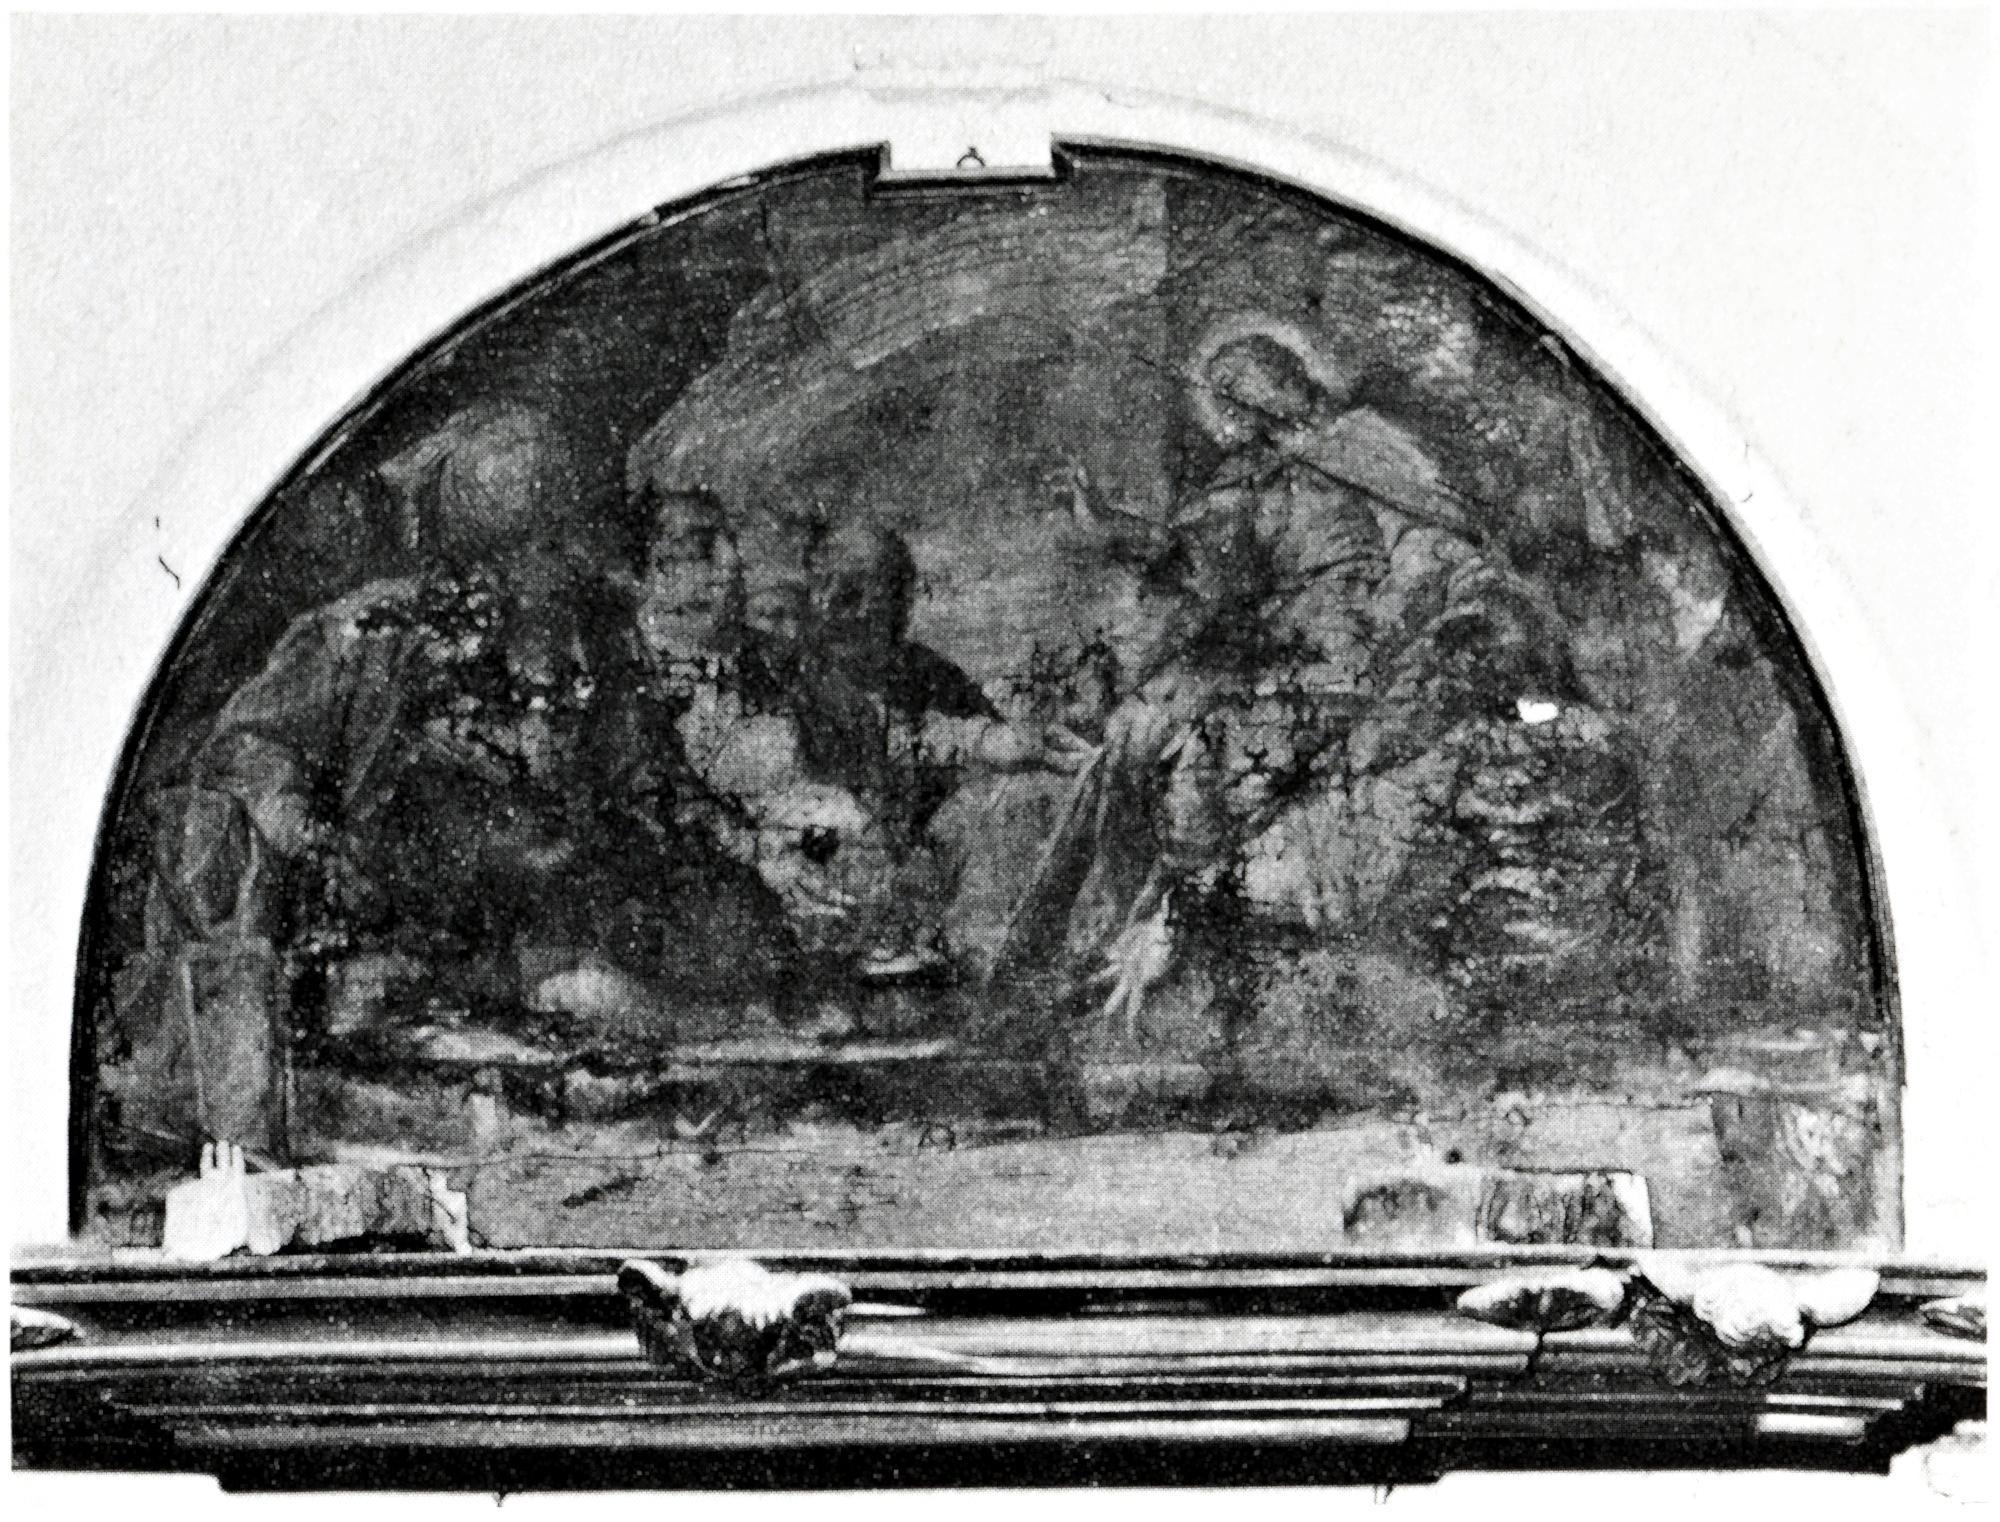 Gesù e i dottori nel tempio, vecchia chiesa di S. Giacomo, Battaglia Terme.